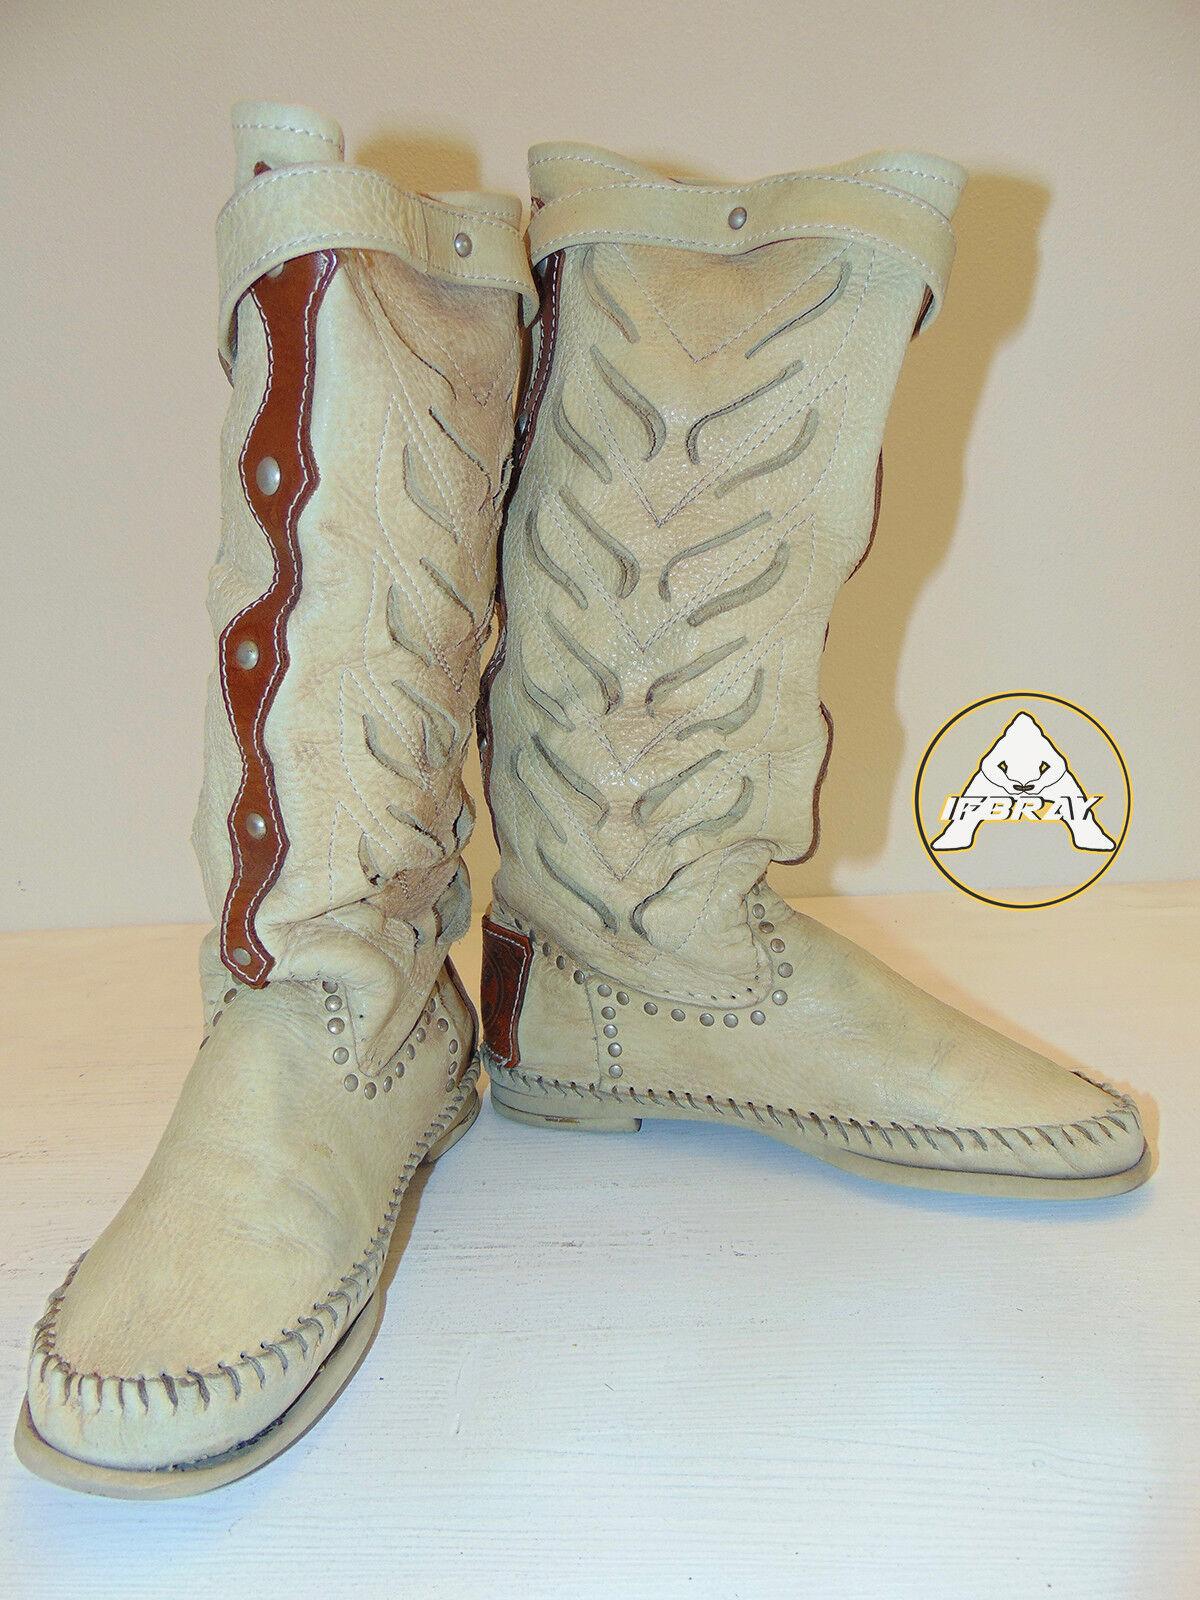 USATO RICCIONE 40 Scarpe Stivale 7 6 Donna Pelle Bianco Marrone Cowboy Alto Pelle Donna 78cd53